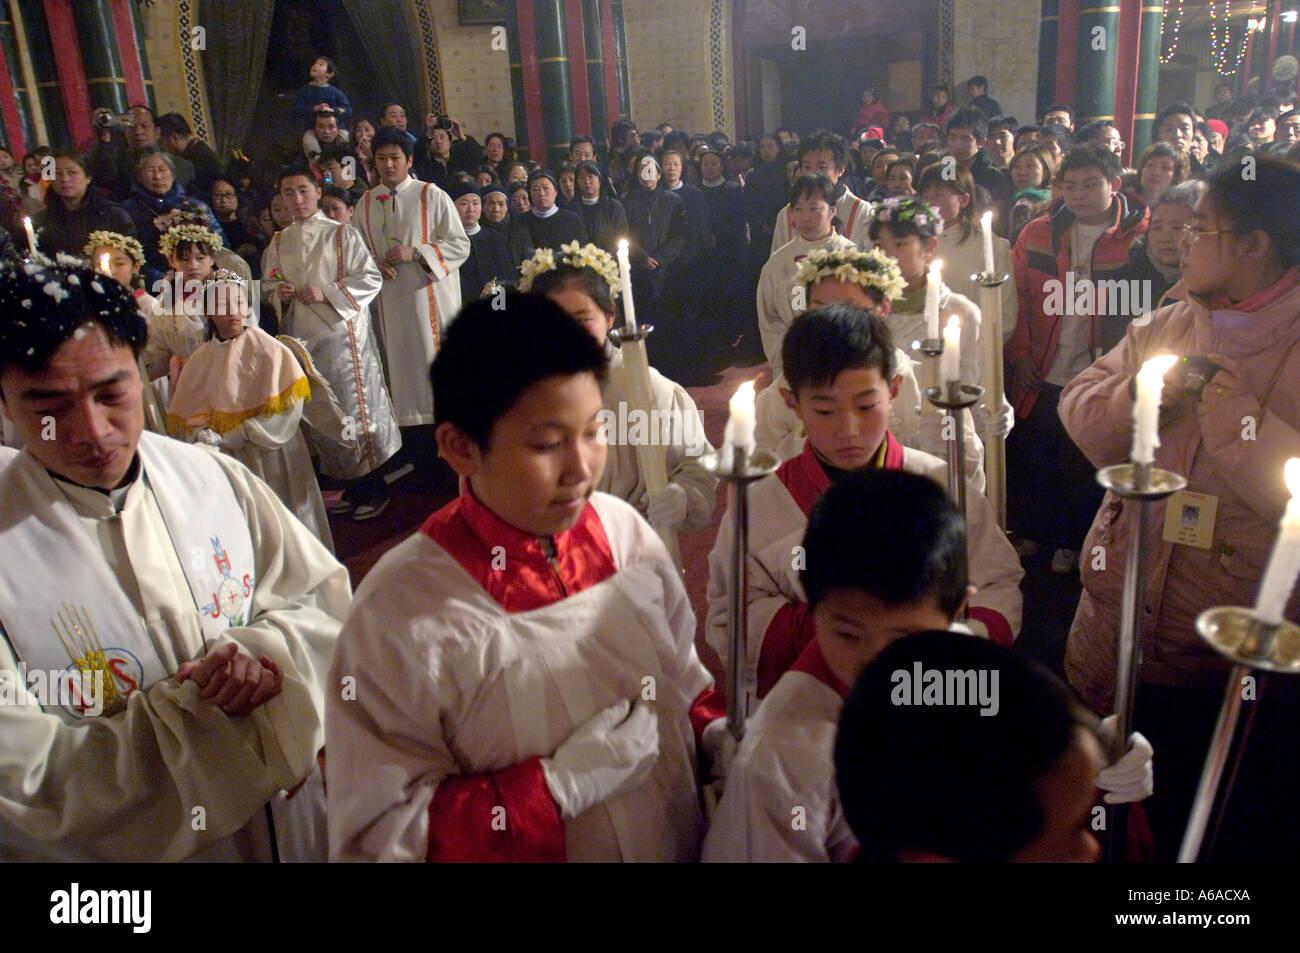 intrieur de lglise catholique xishiku beijing messe de nol la clbration de nol 2005 12 24